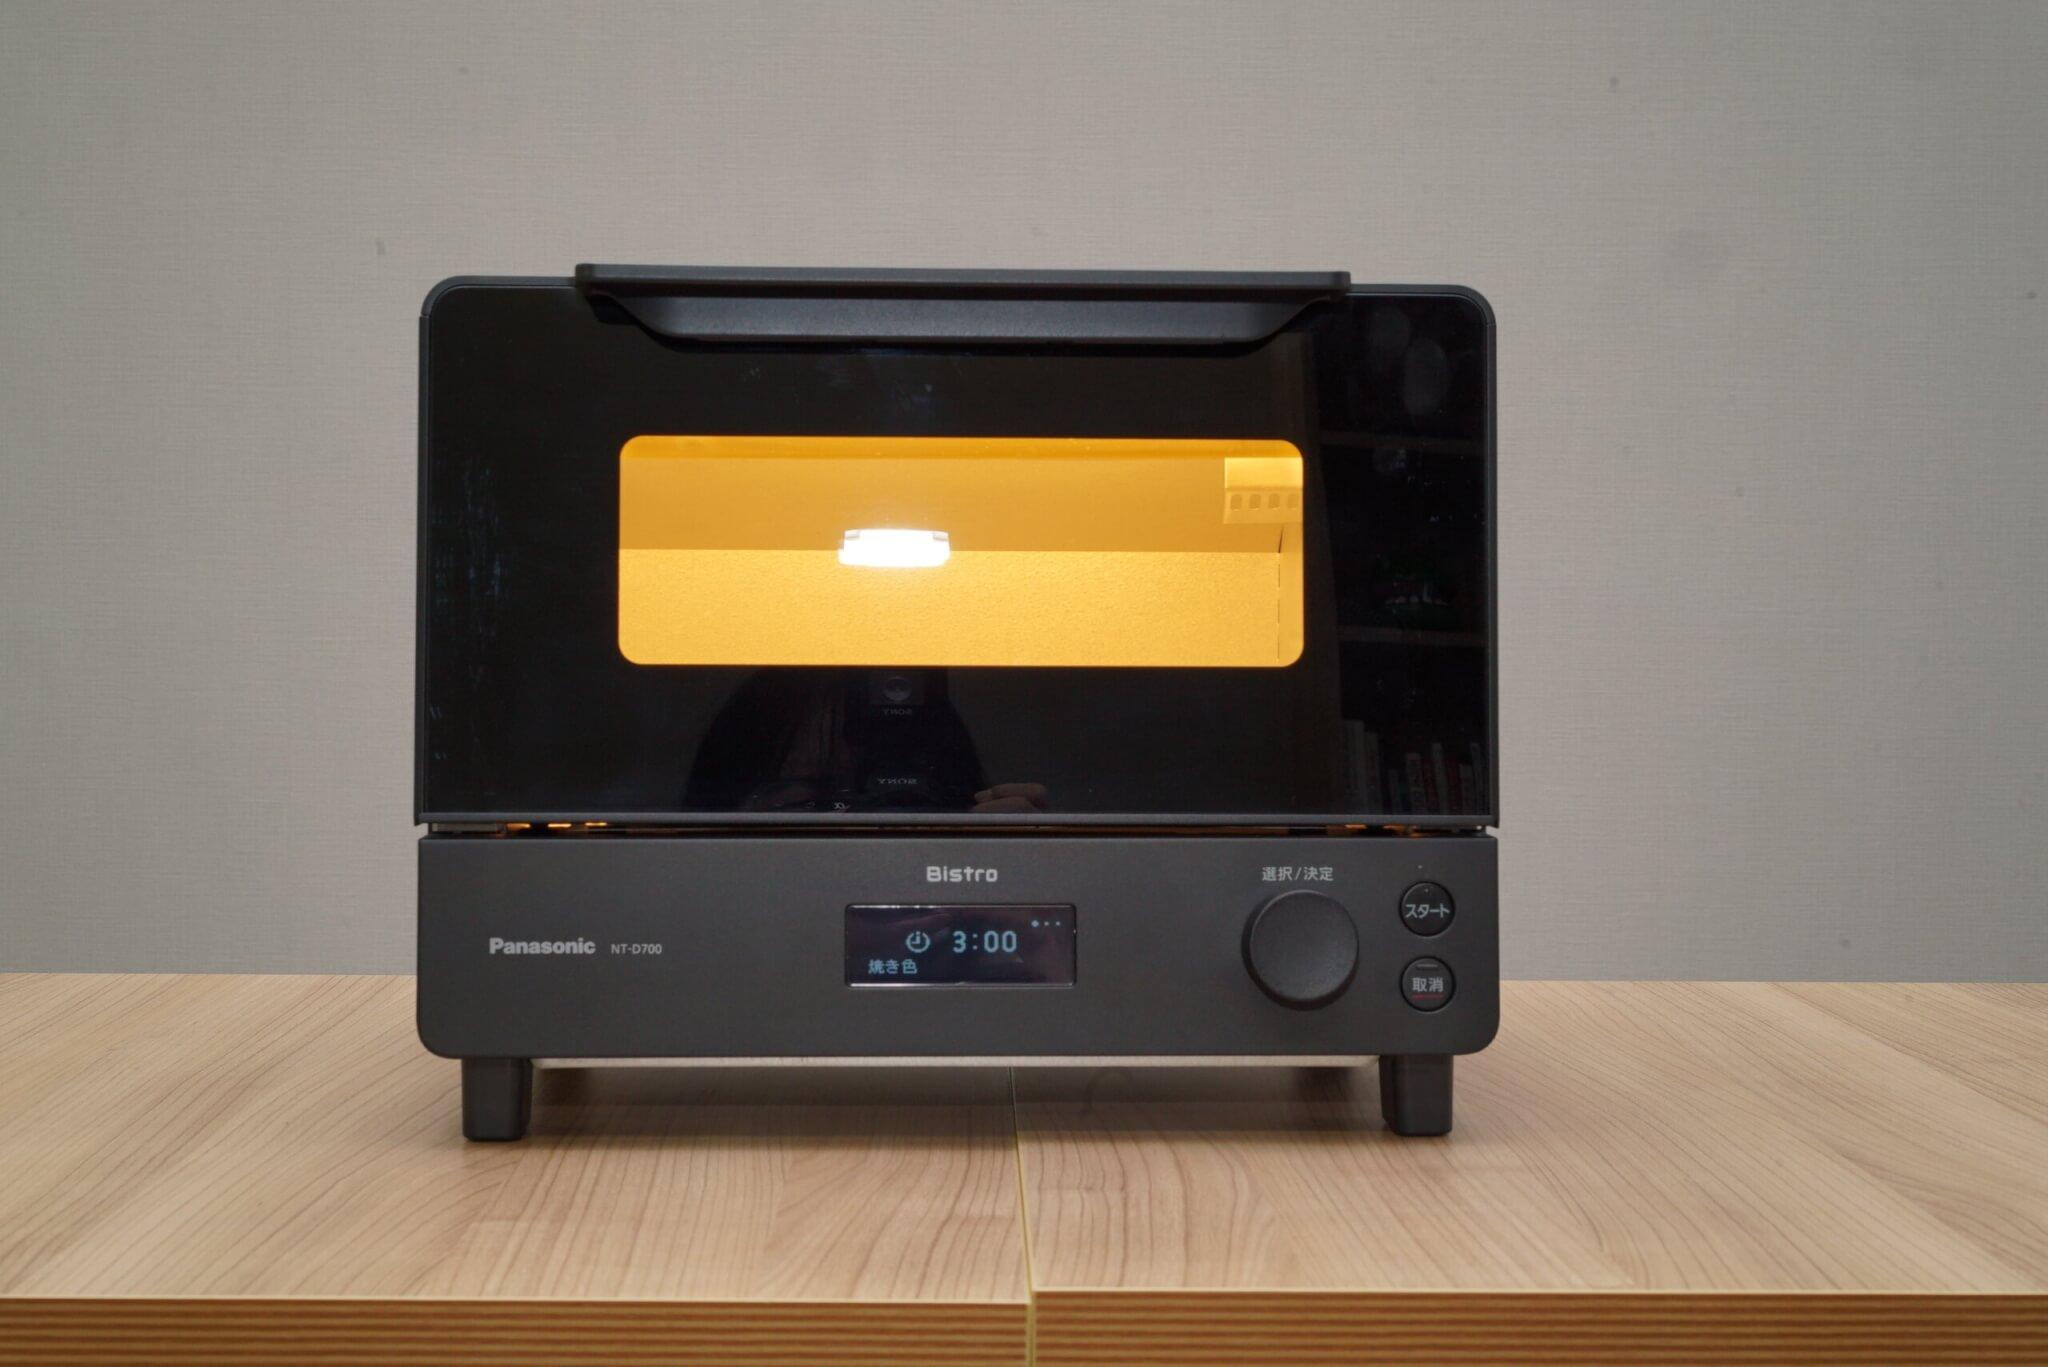 オーブントースタービストロ NT-D700 使用レビュー!賢い焼き加減とミニマルデザインが魅力のトースター